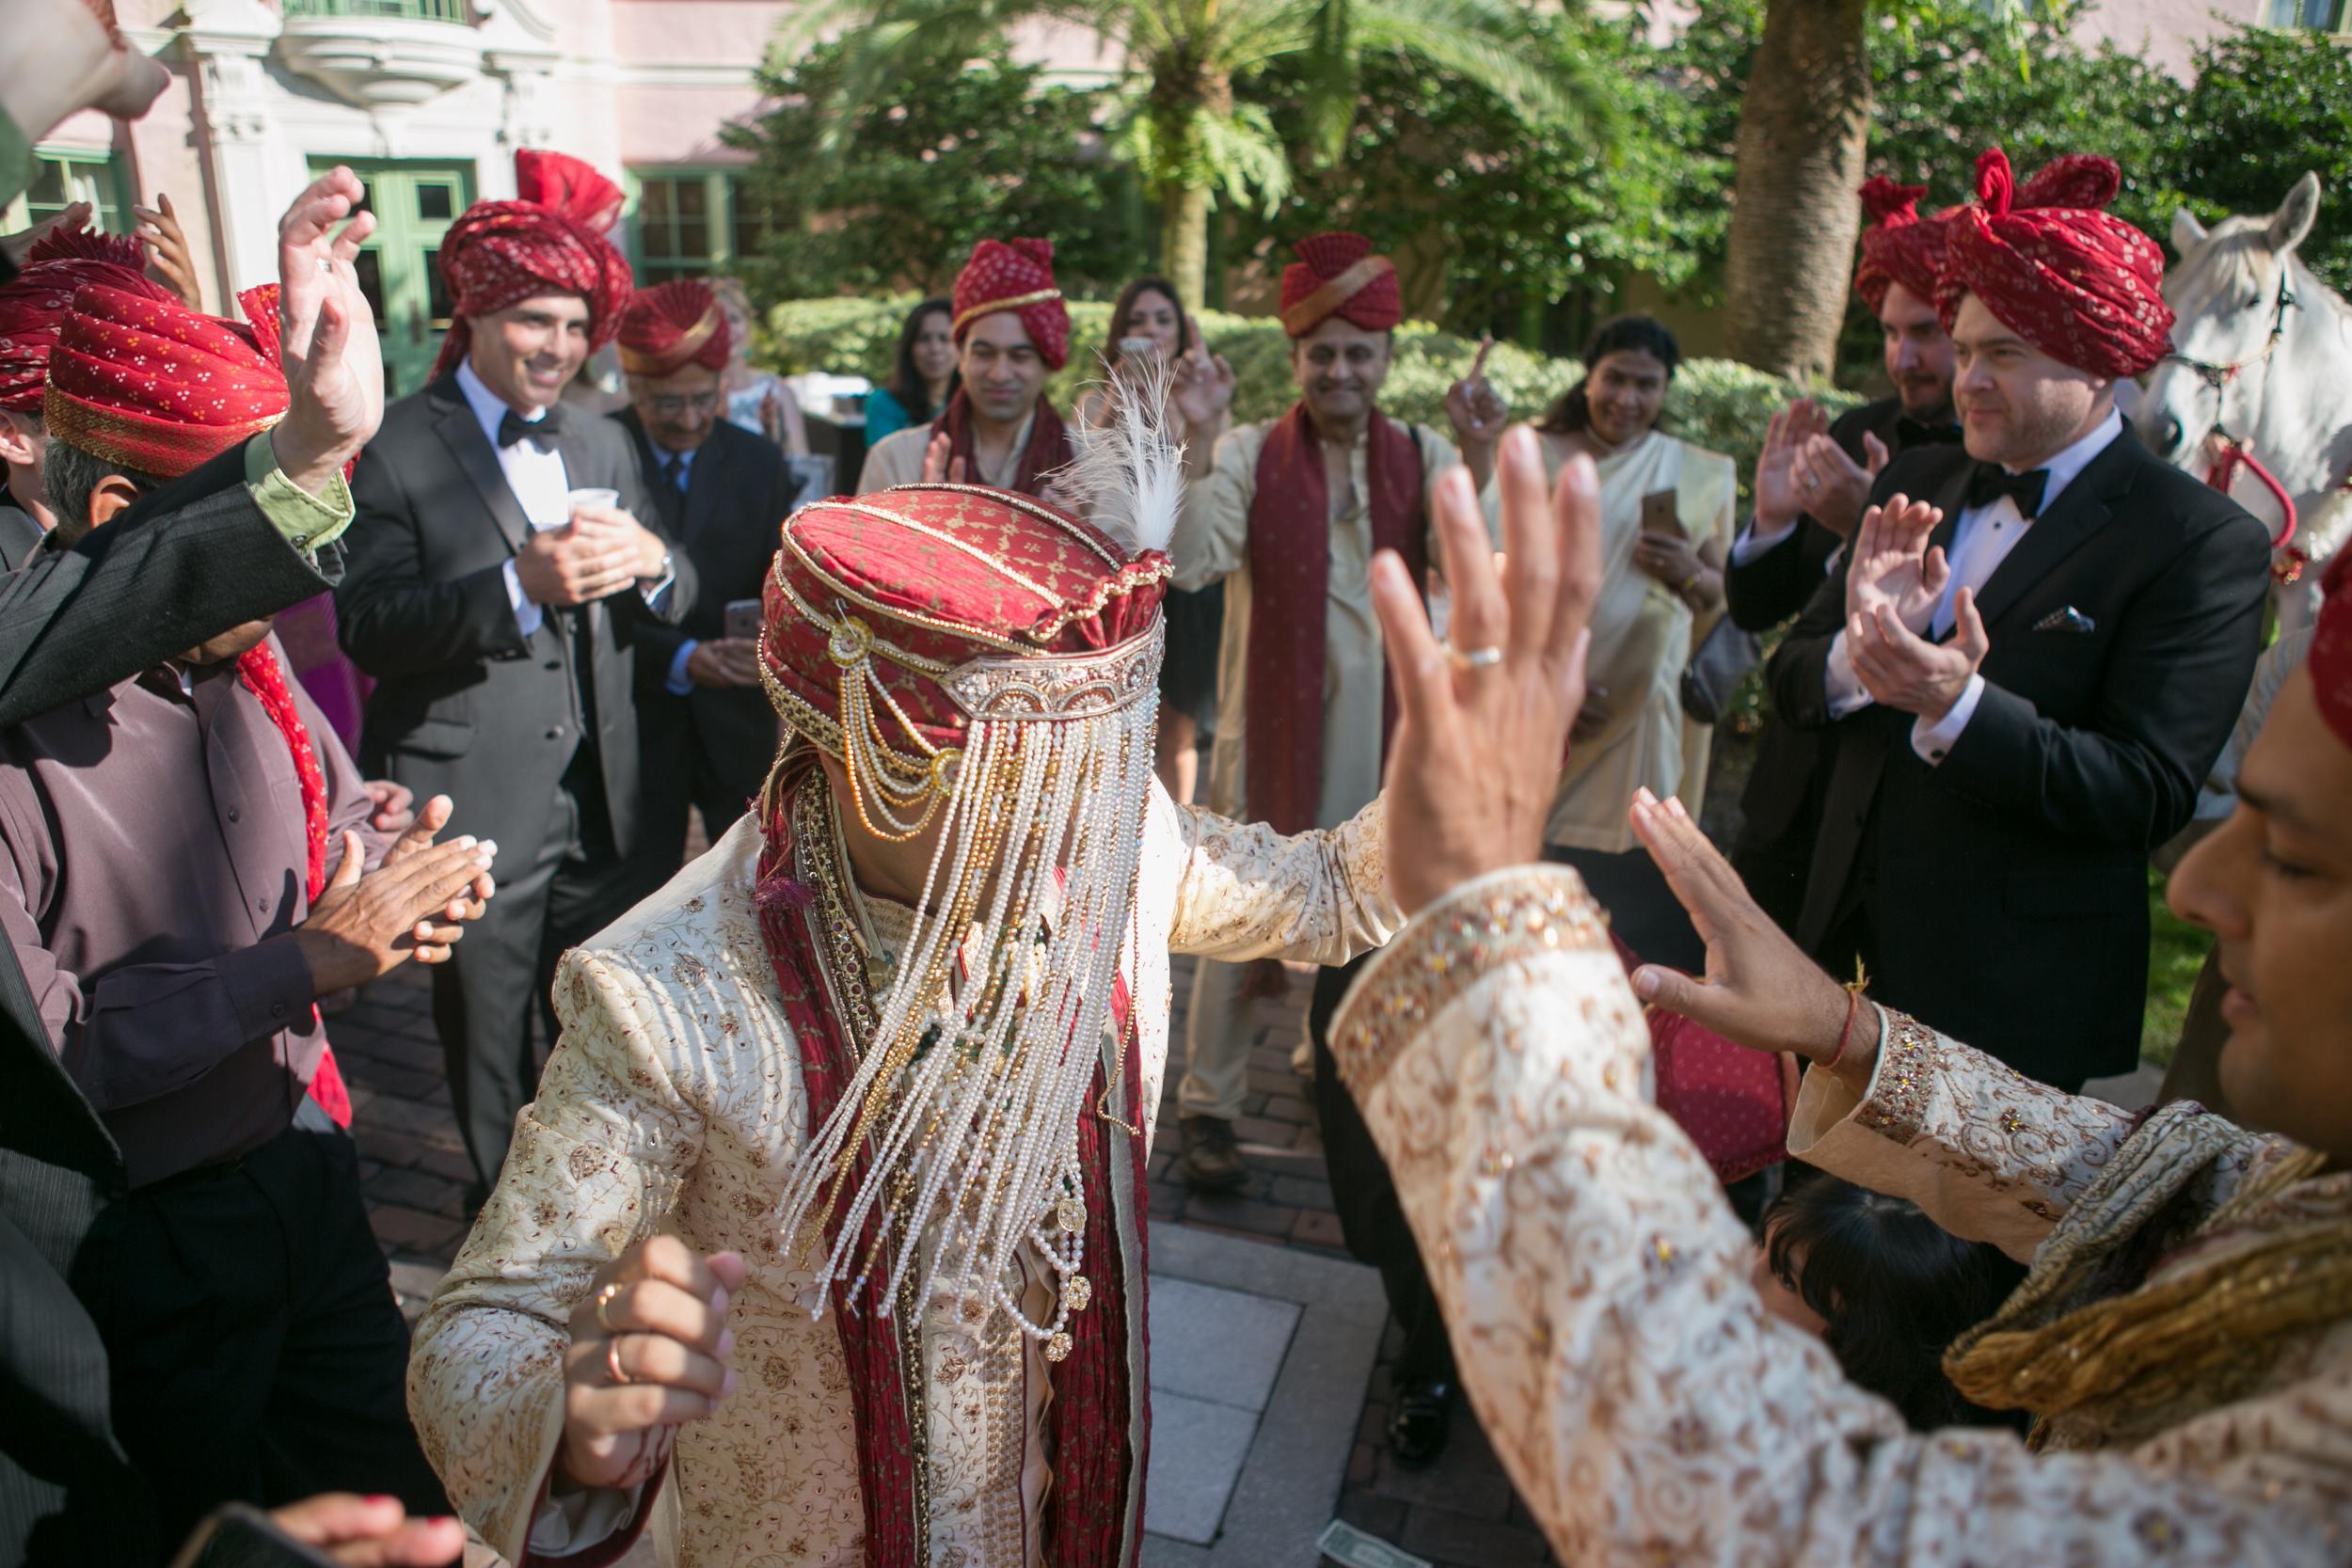 winsor event studio indian wedding